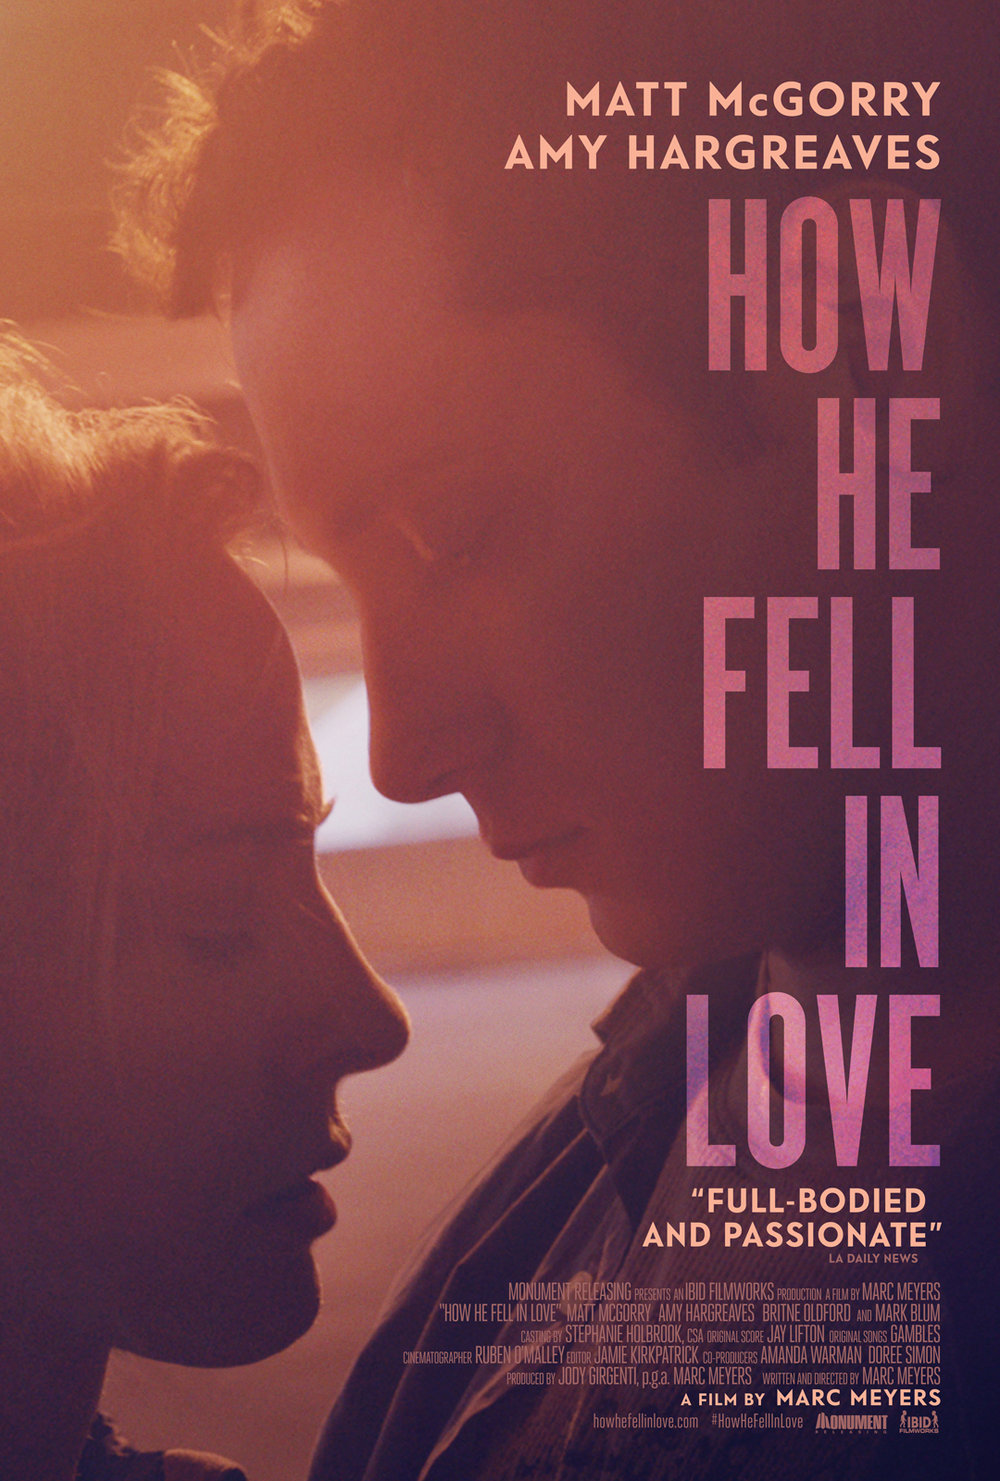 How He Fell in Love